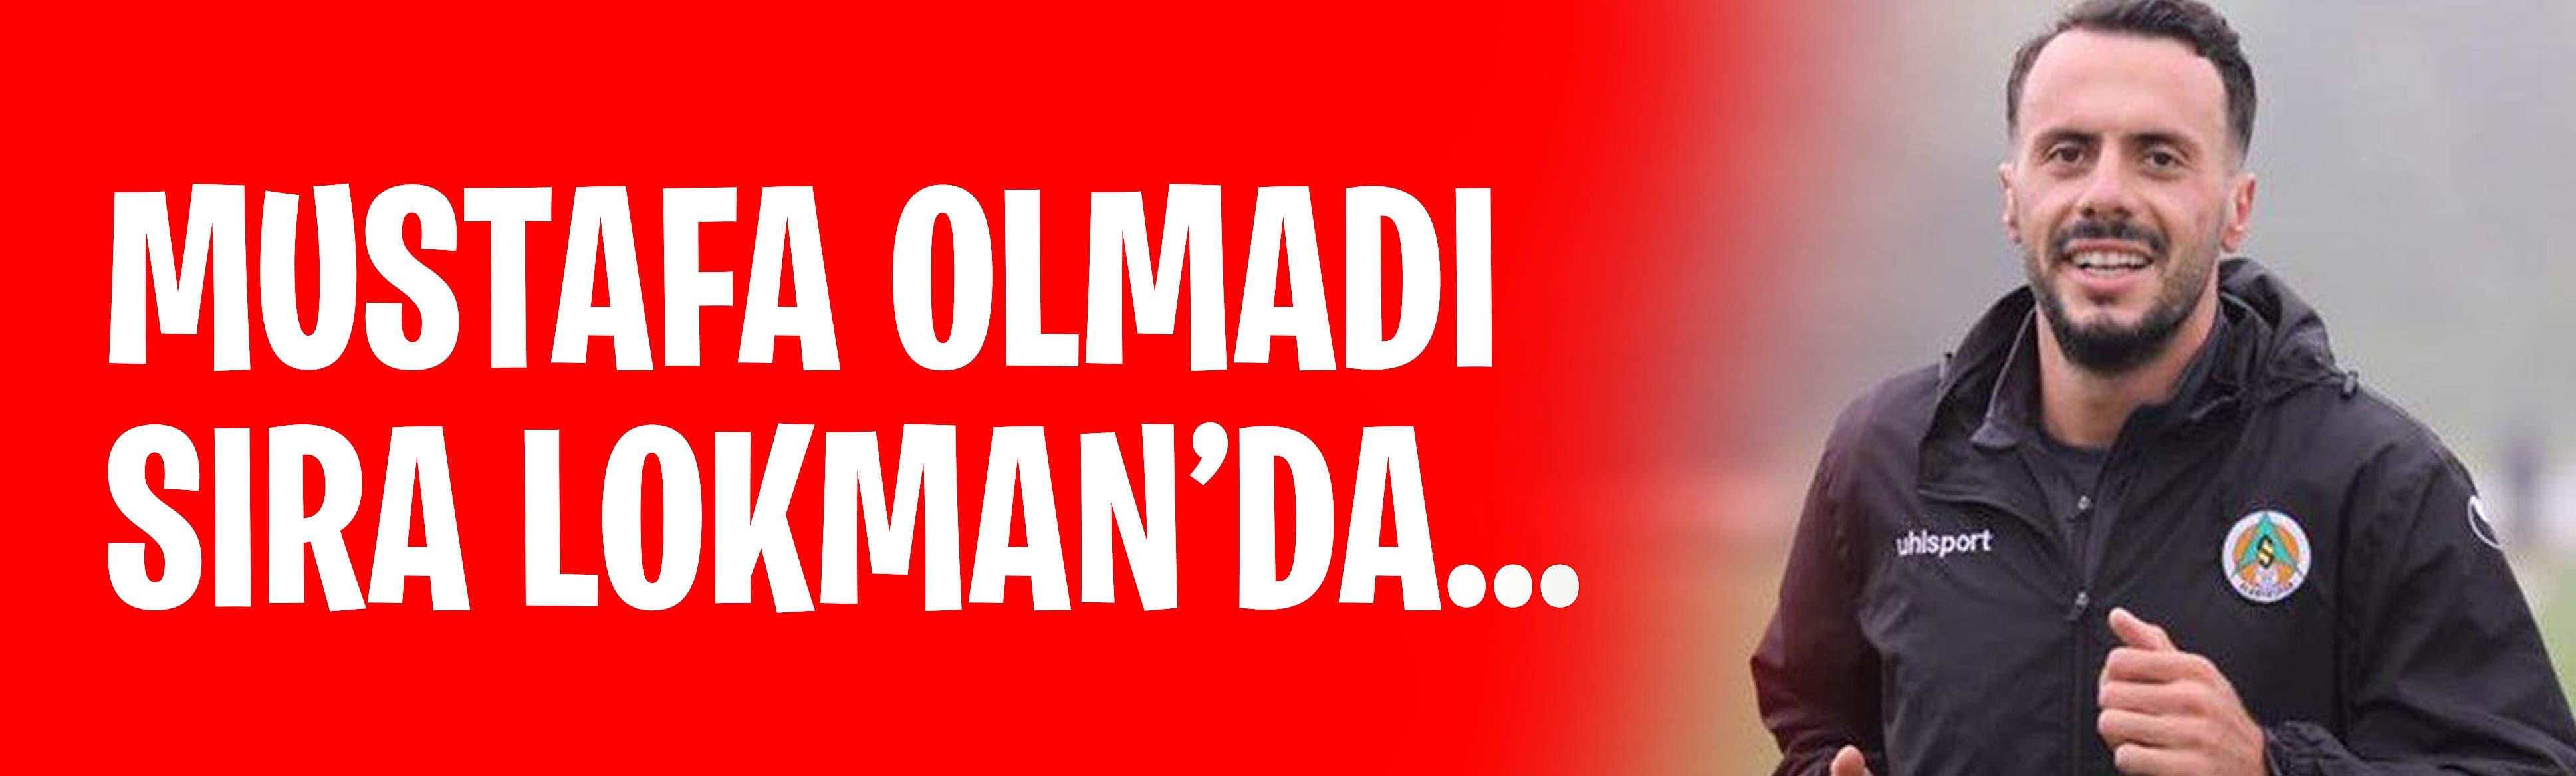 MUSTAFA OLMADI SIRA LOKMAN'DA